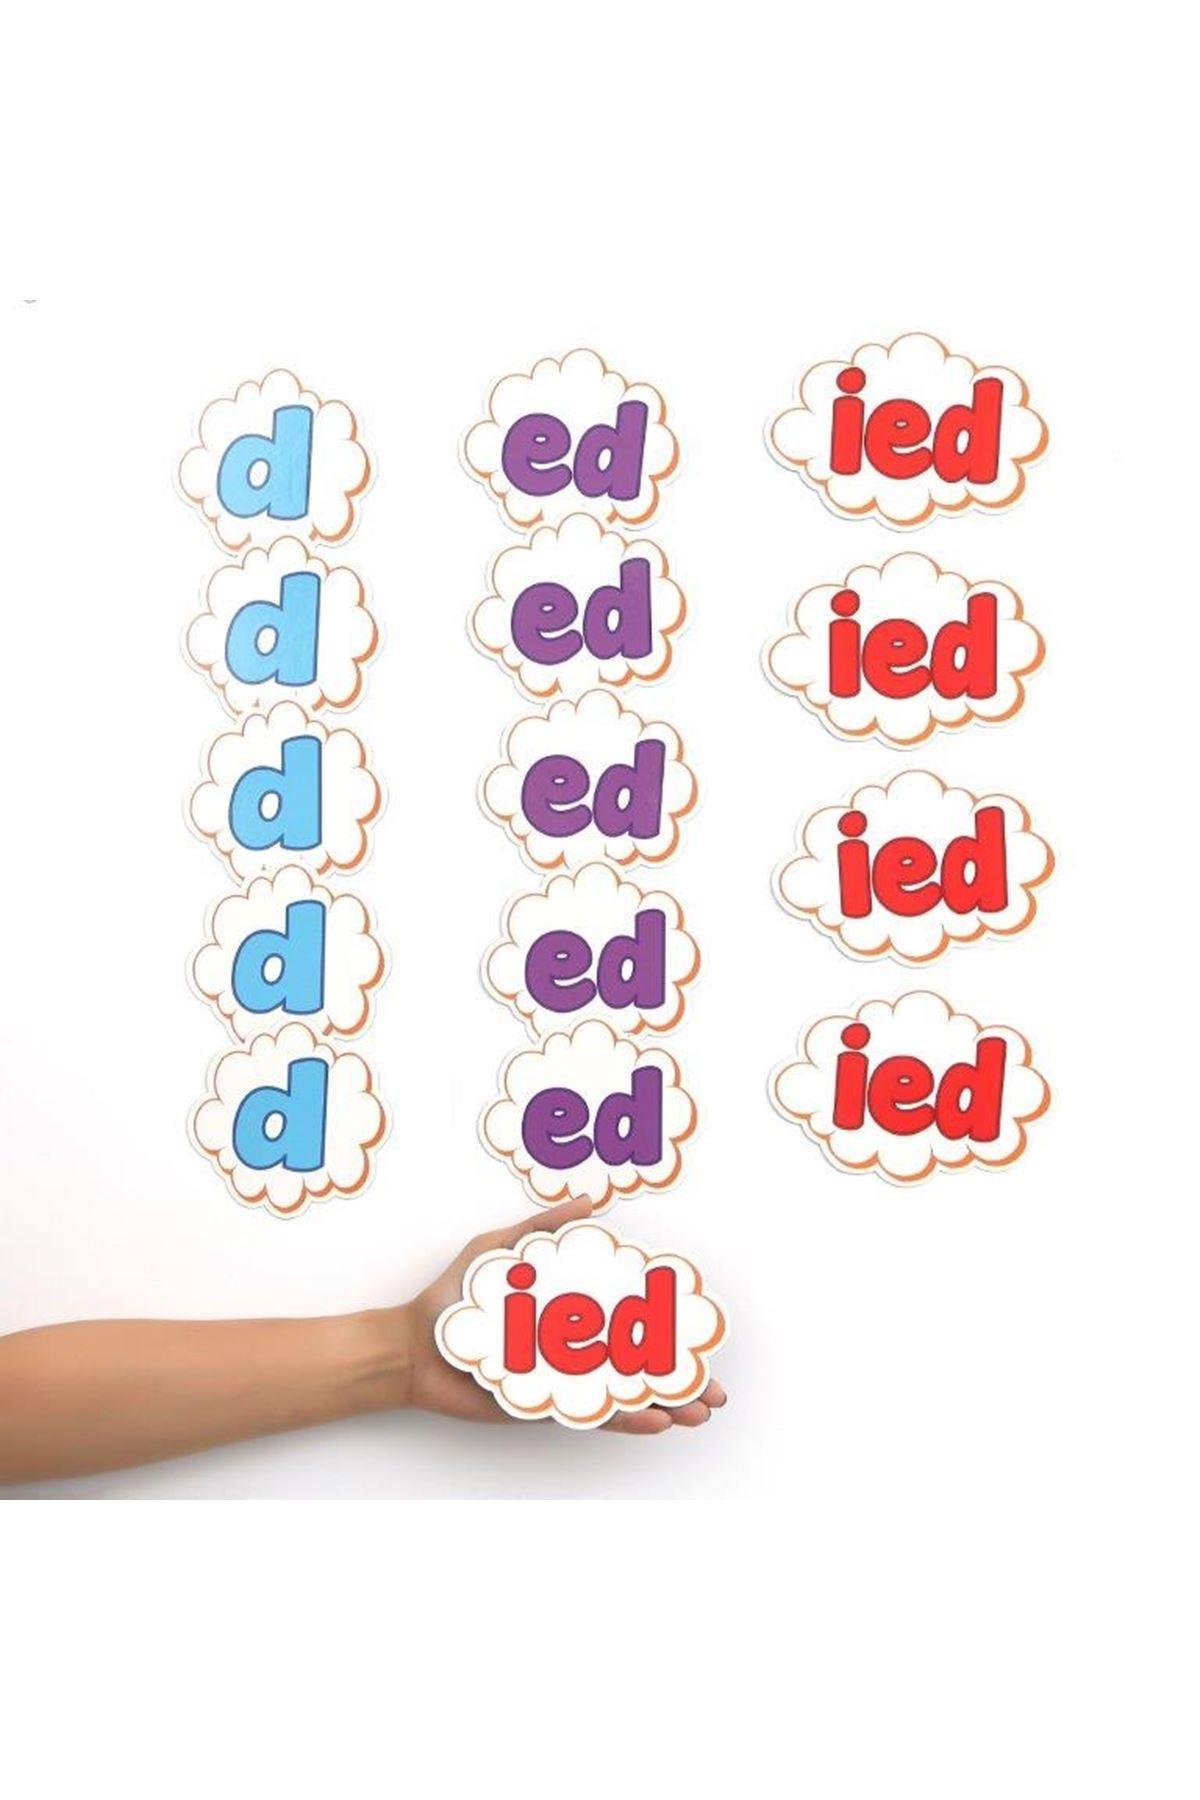 Ed, ied,d.